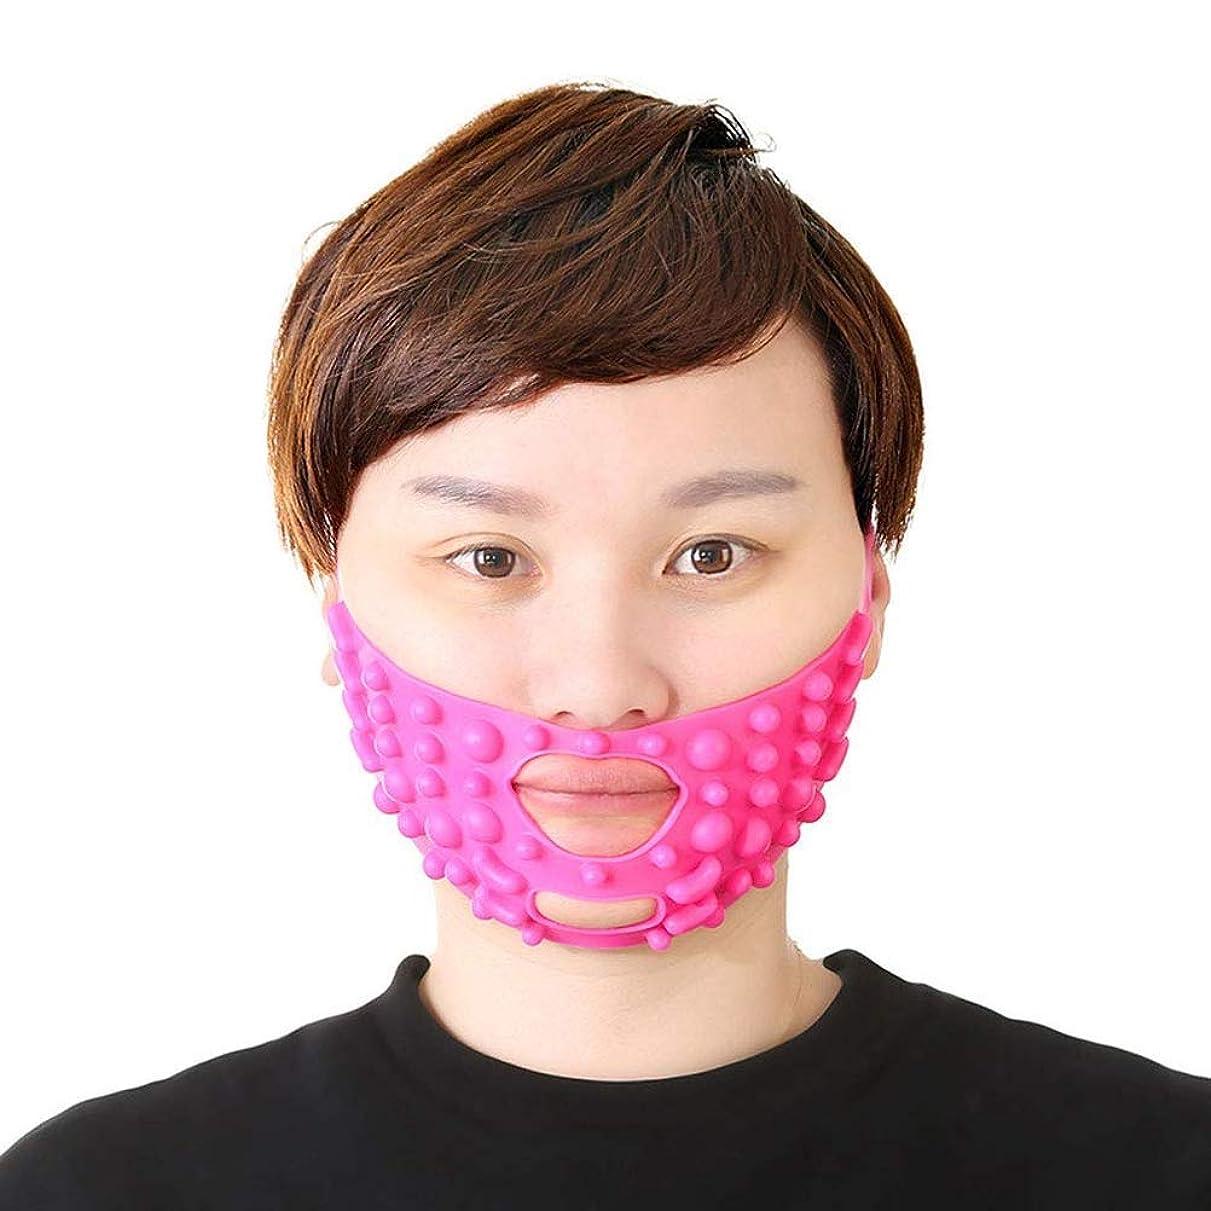 リフレッシュねばねば差別二重あごベルト、薄いフェイスマスク包帯、頬スリムVフェイスベルト、痩身包帯通気性ストレッチ